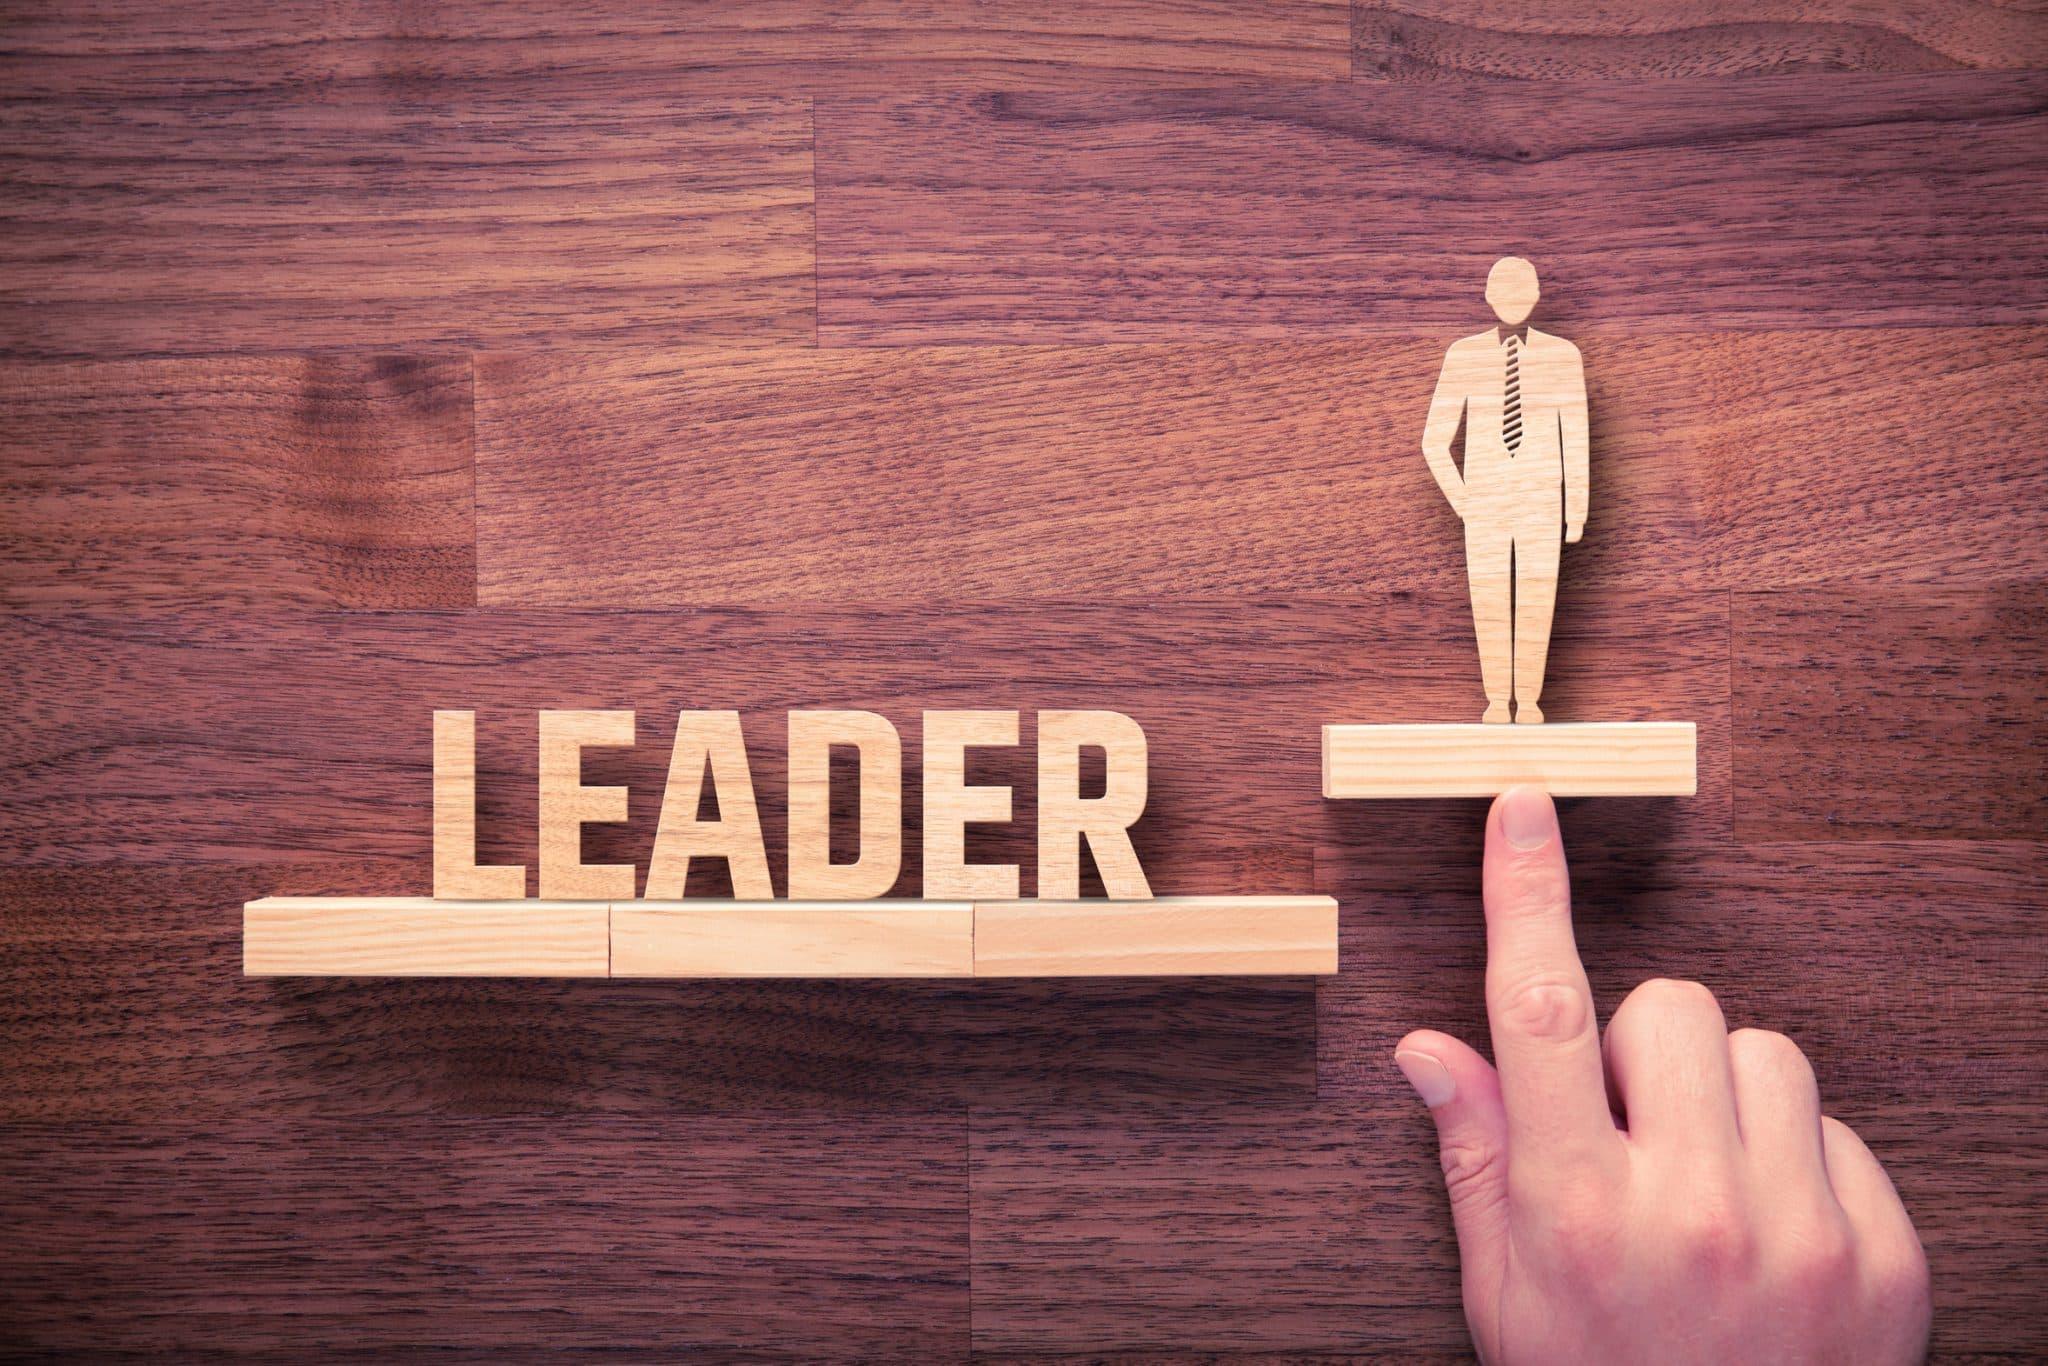 Delegation - Freiräume für den Führungsalltag schaffen - S&P Führung